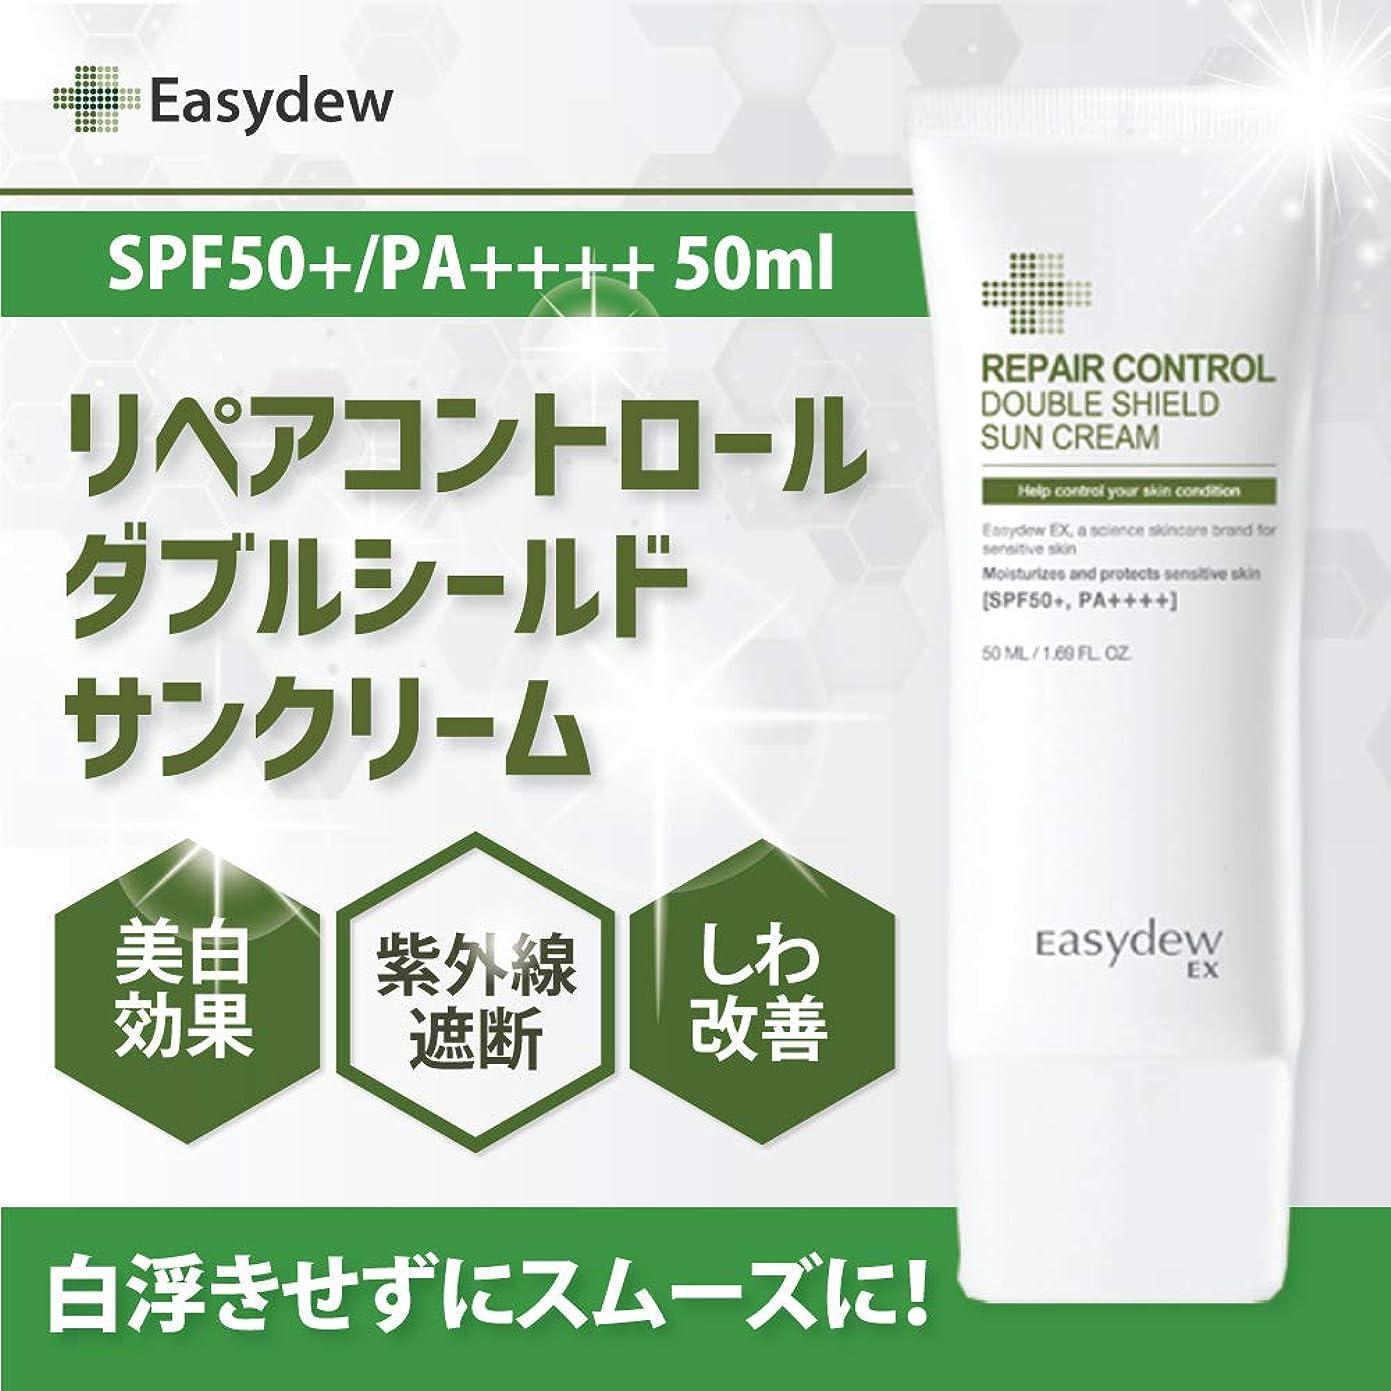 ウサギ仕方競うデウン製薬 リペア コントロール ダブル シールド サン?クリーム SPF50+/PA++++ 50ml. Repair Control Double Shild Sun Cream SPF50+/PA++++ 50ml.